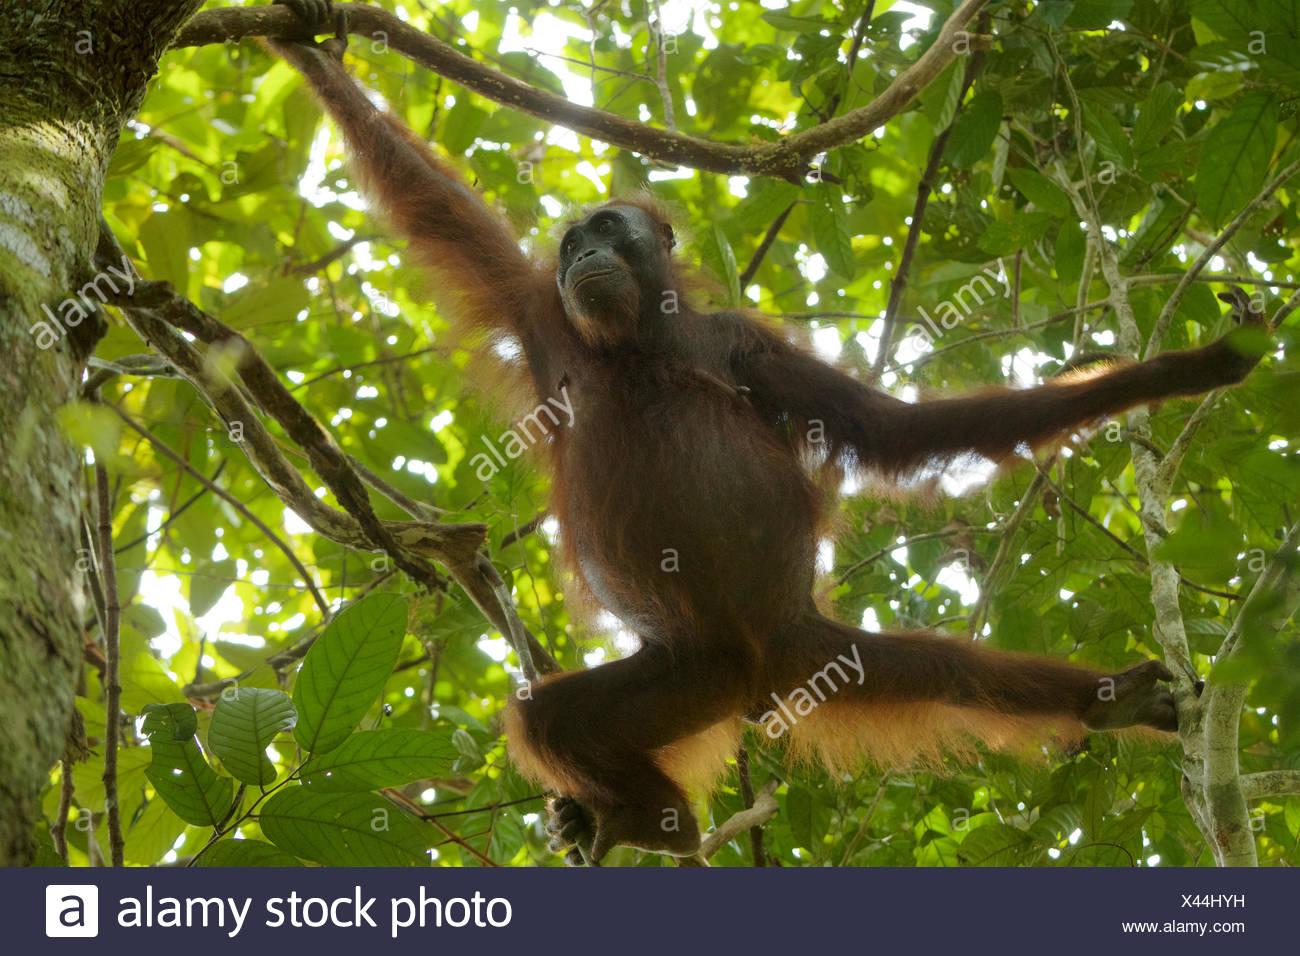 Une femelle orang-outan, Pongo pygmaeus wurmbii, grimper aux arbres à Gunung Palung National Park. Photo Stock